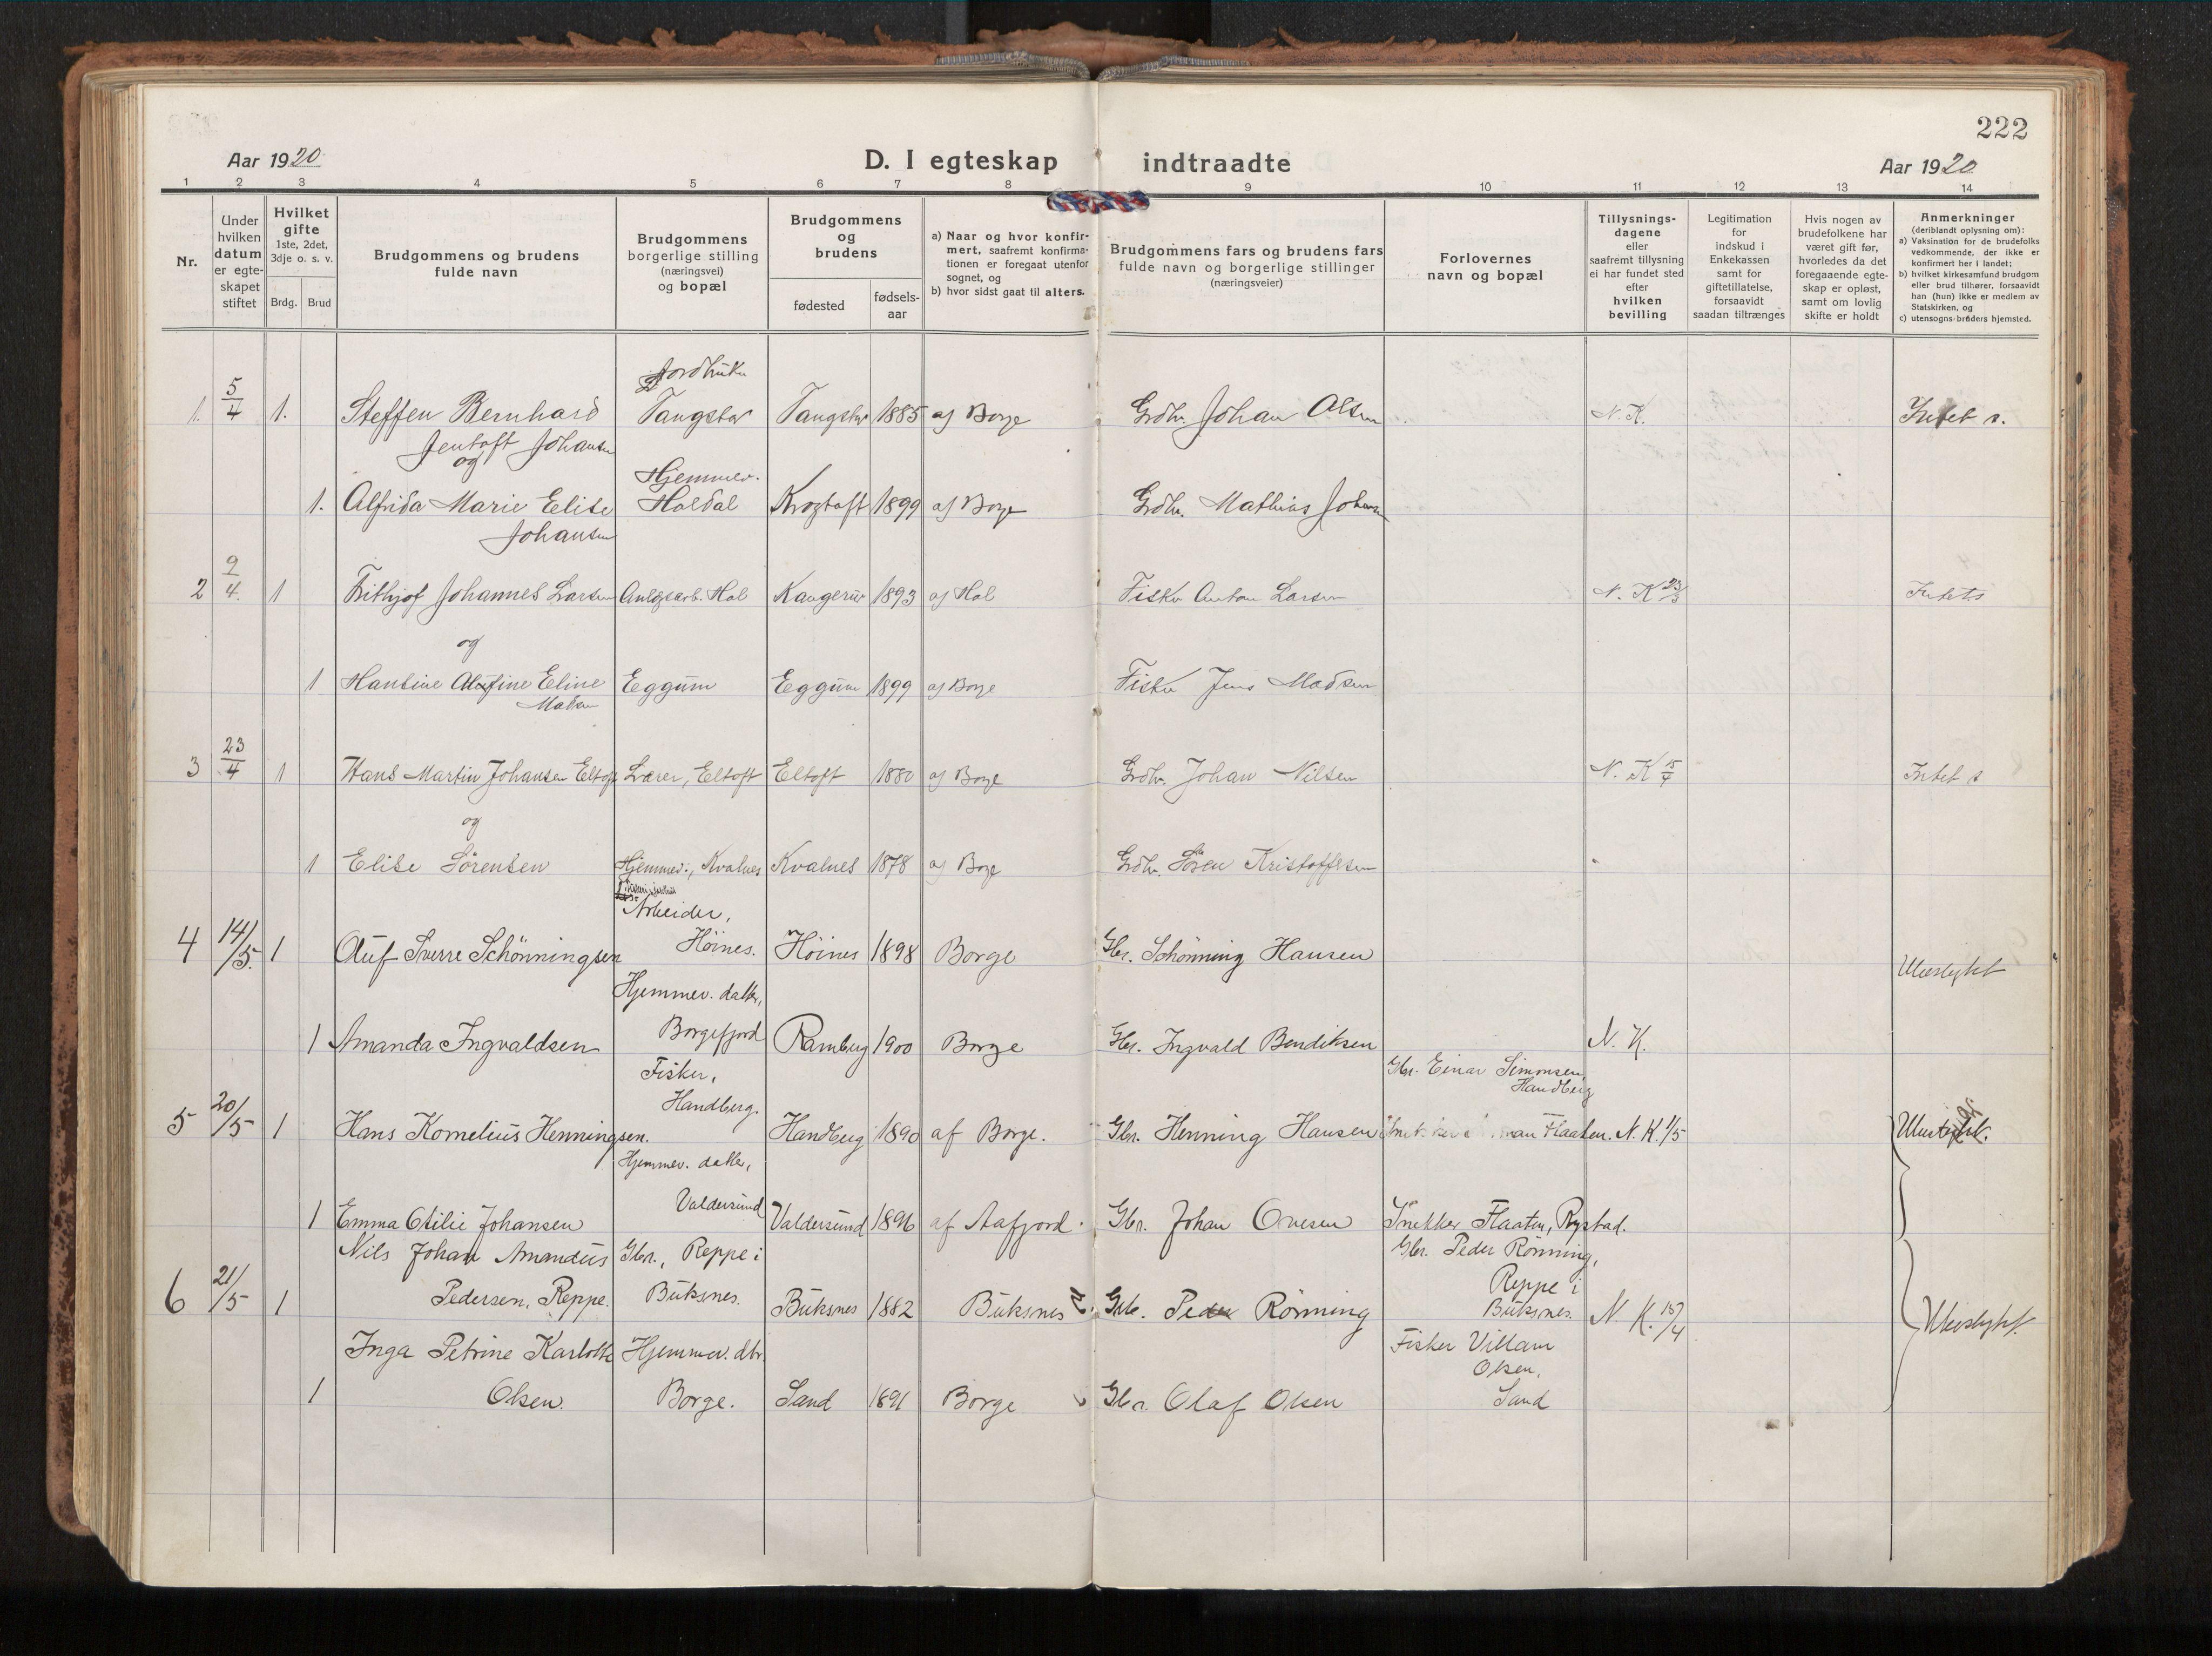 SAT, Ministerialprotokoller, klokkerbøker og fødselsregistre - Nordland, 880/L1136: Parish register (official) no. 880A10, 1919-1927, p. 222